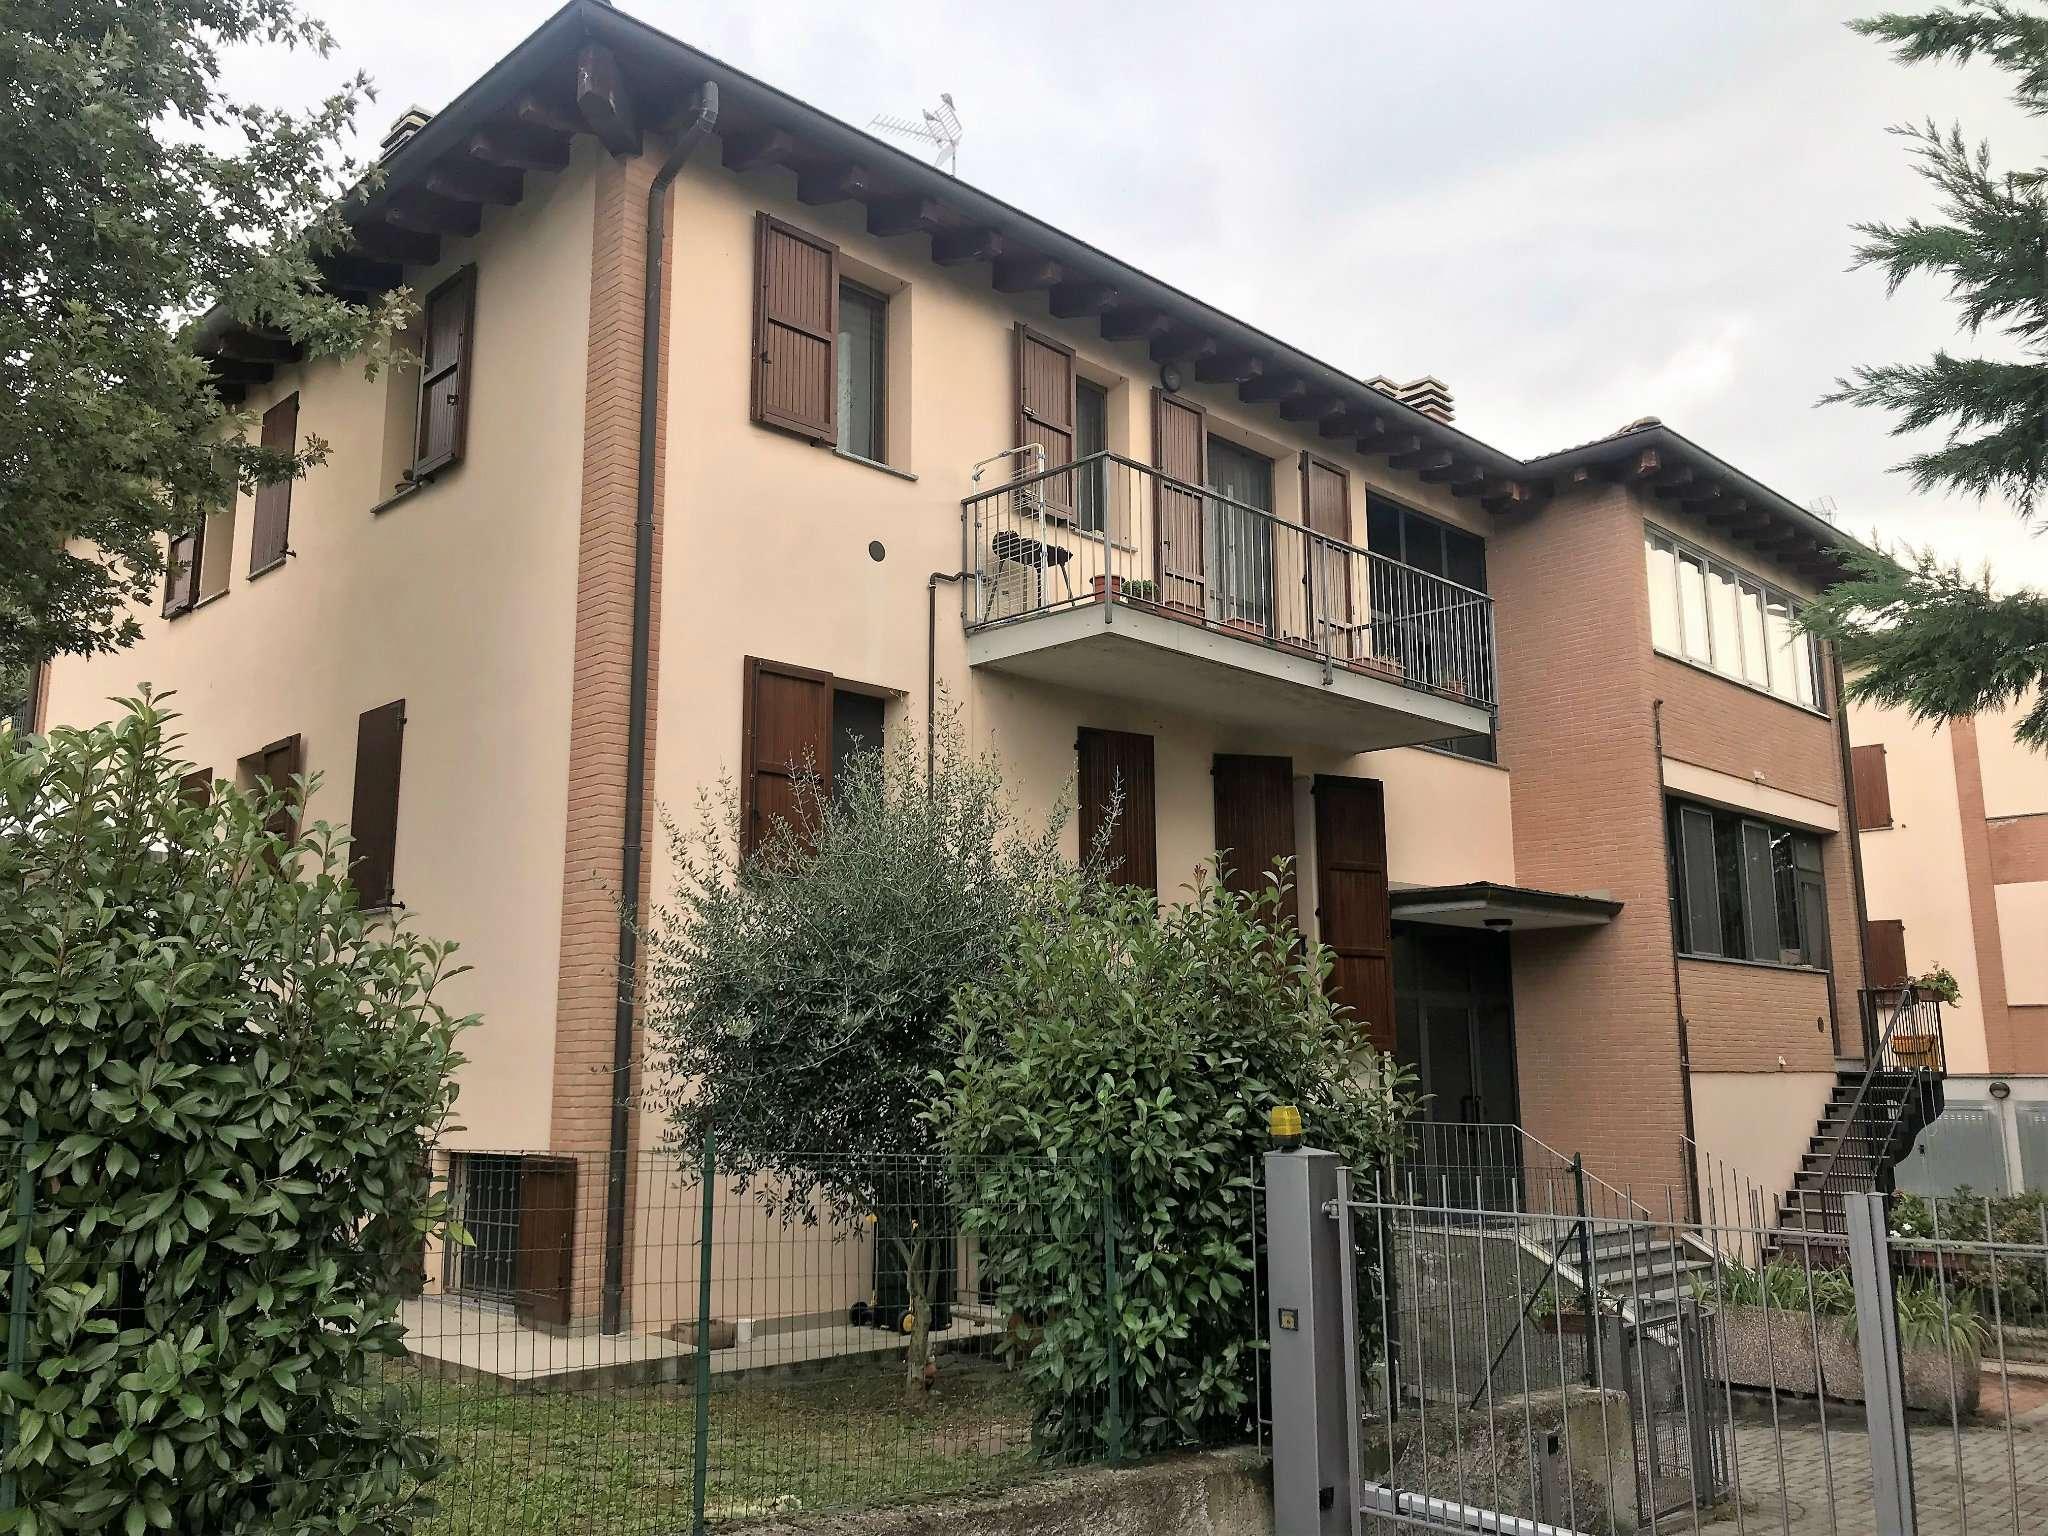 Appartamento in vendita a Calestano, 3 locali, prezzo € 135.000 | CambioCasa.it